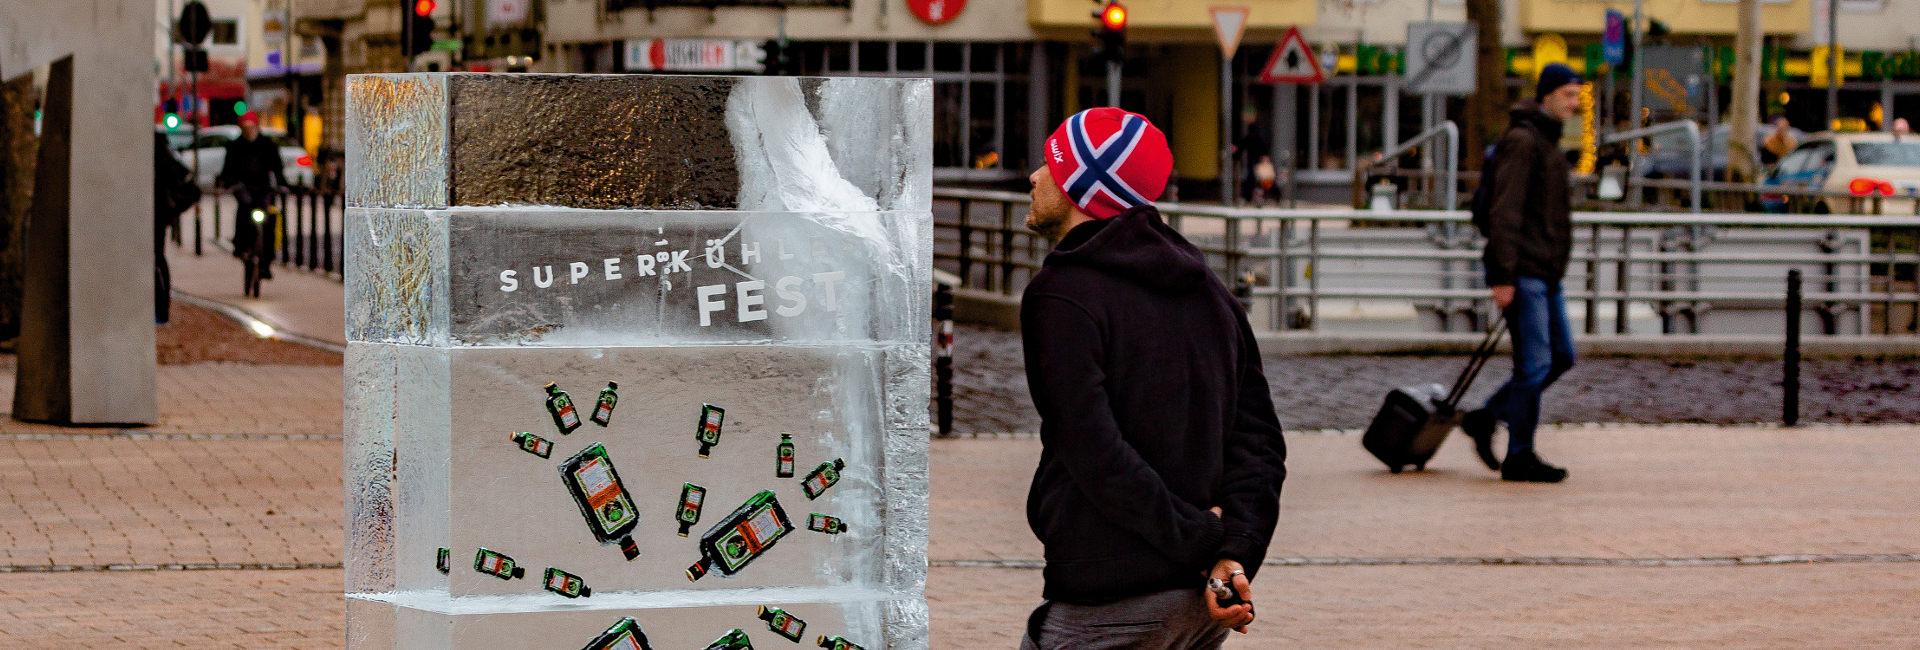 Jägermeisterflaschen in Eisblock